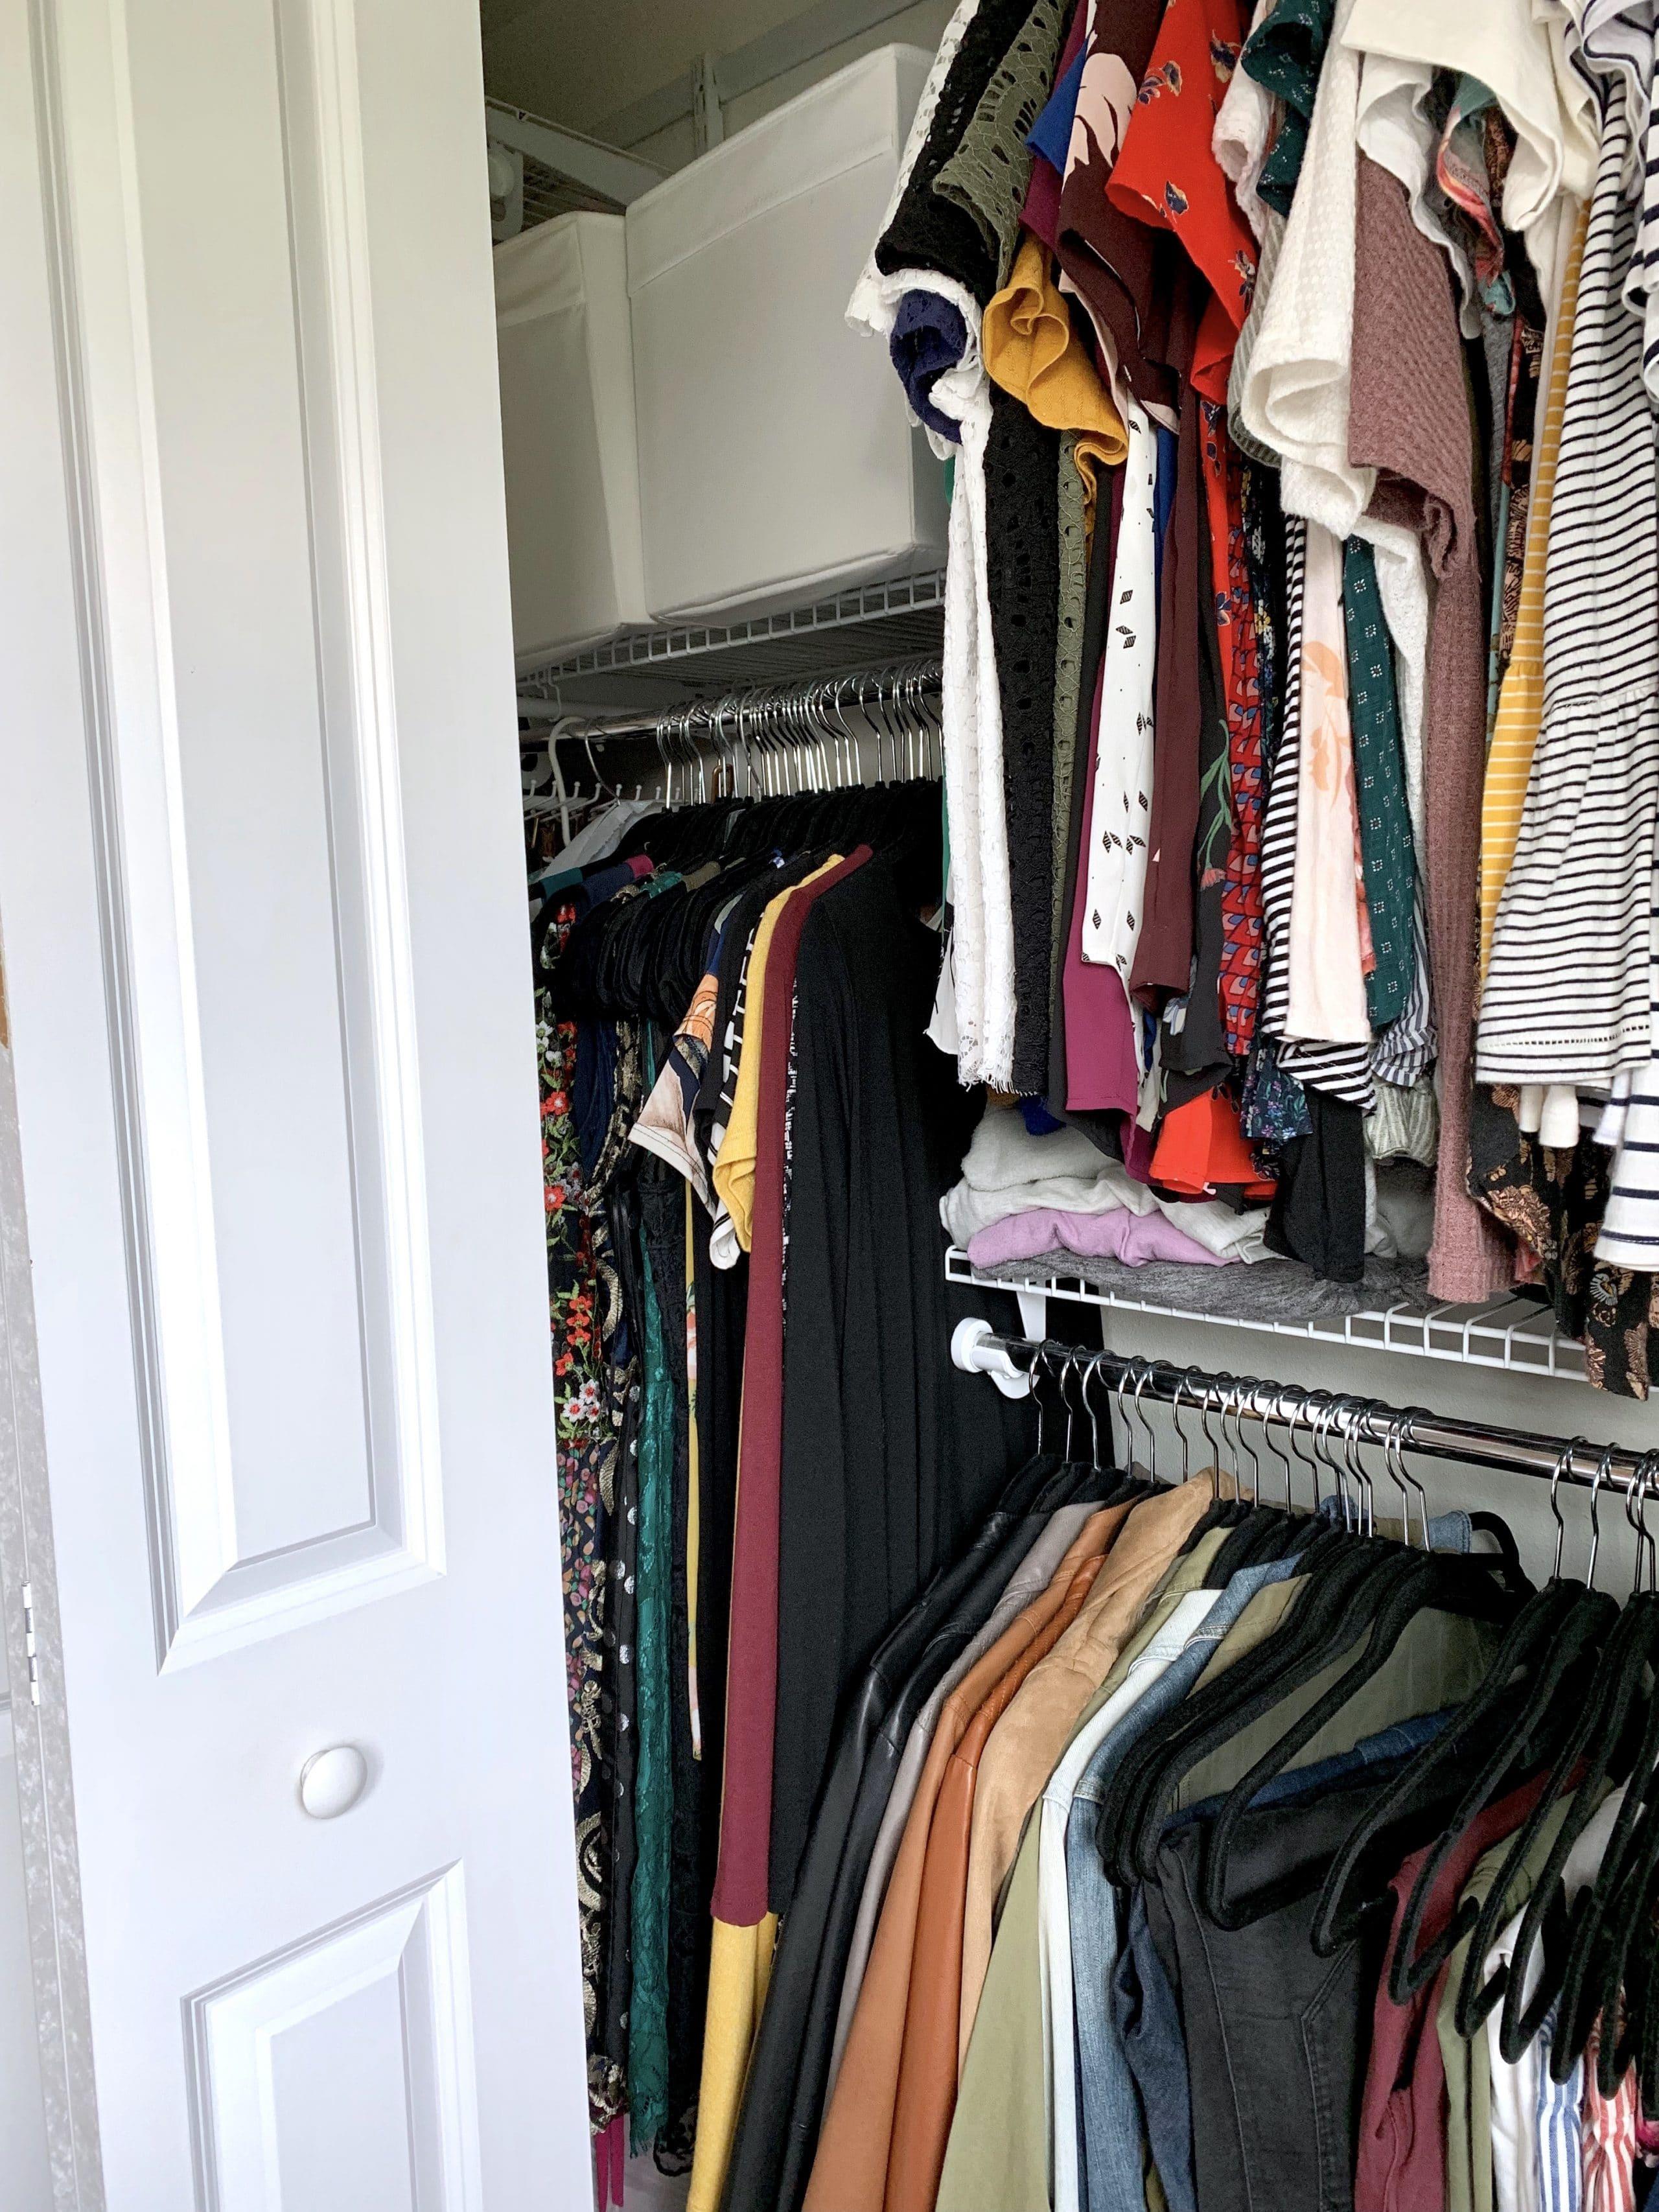 Dress rack inside closet organization